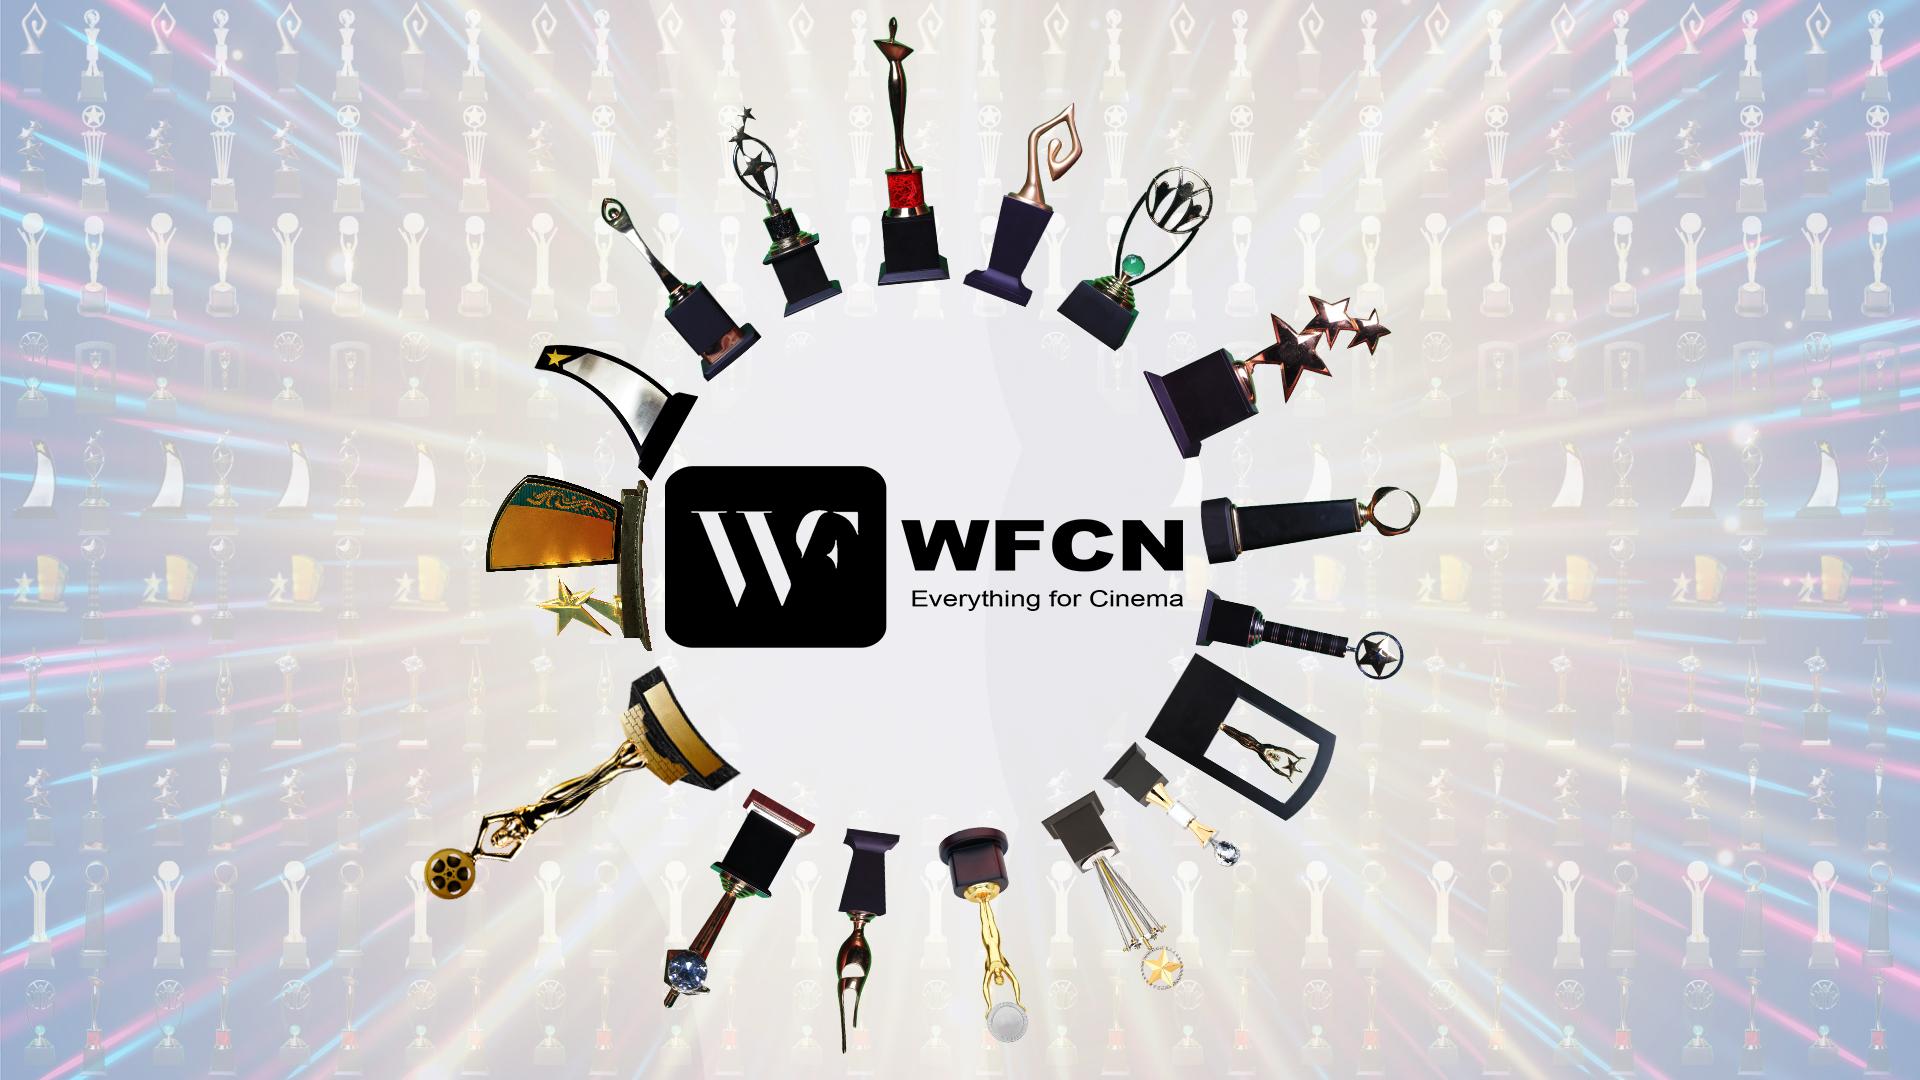 A wonderful platform for Independent filmmakers WFCN